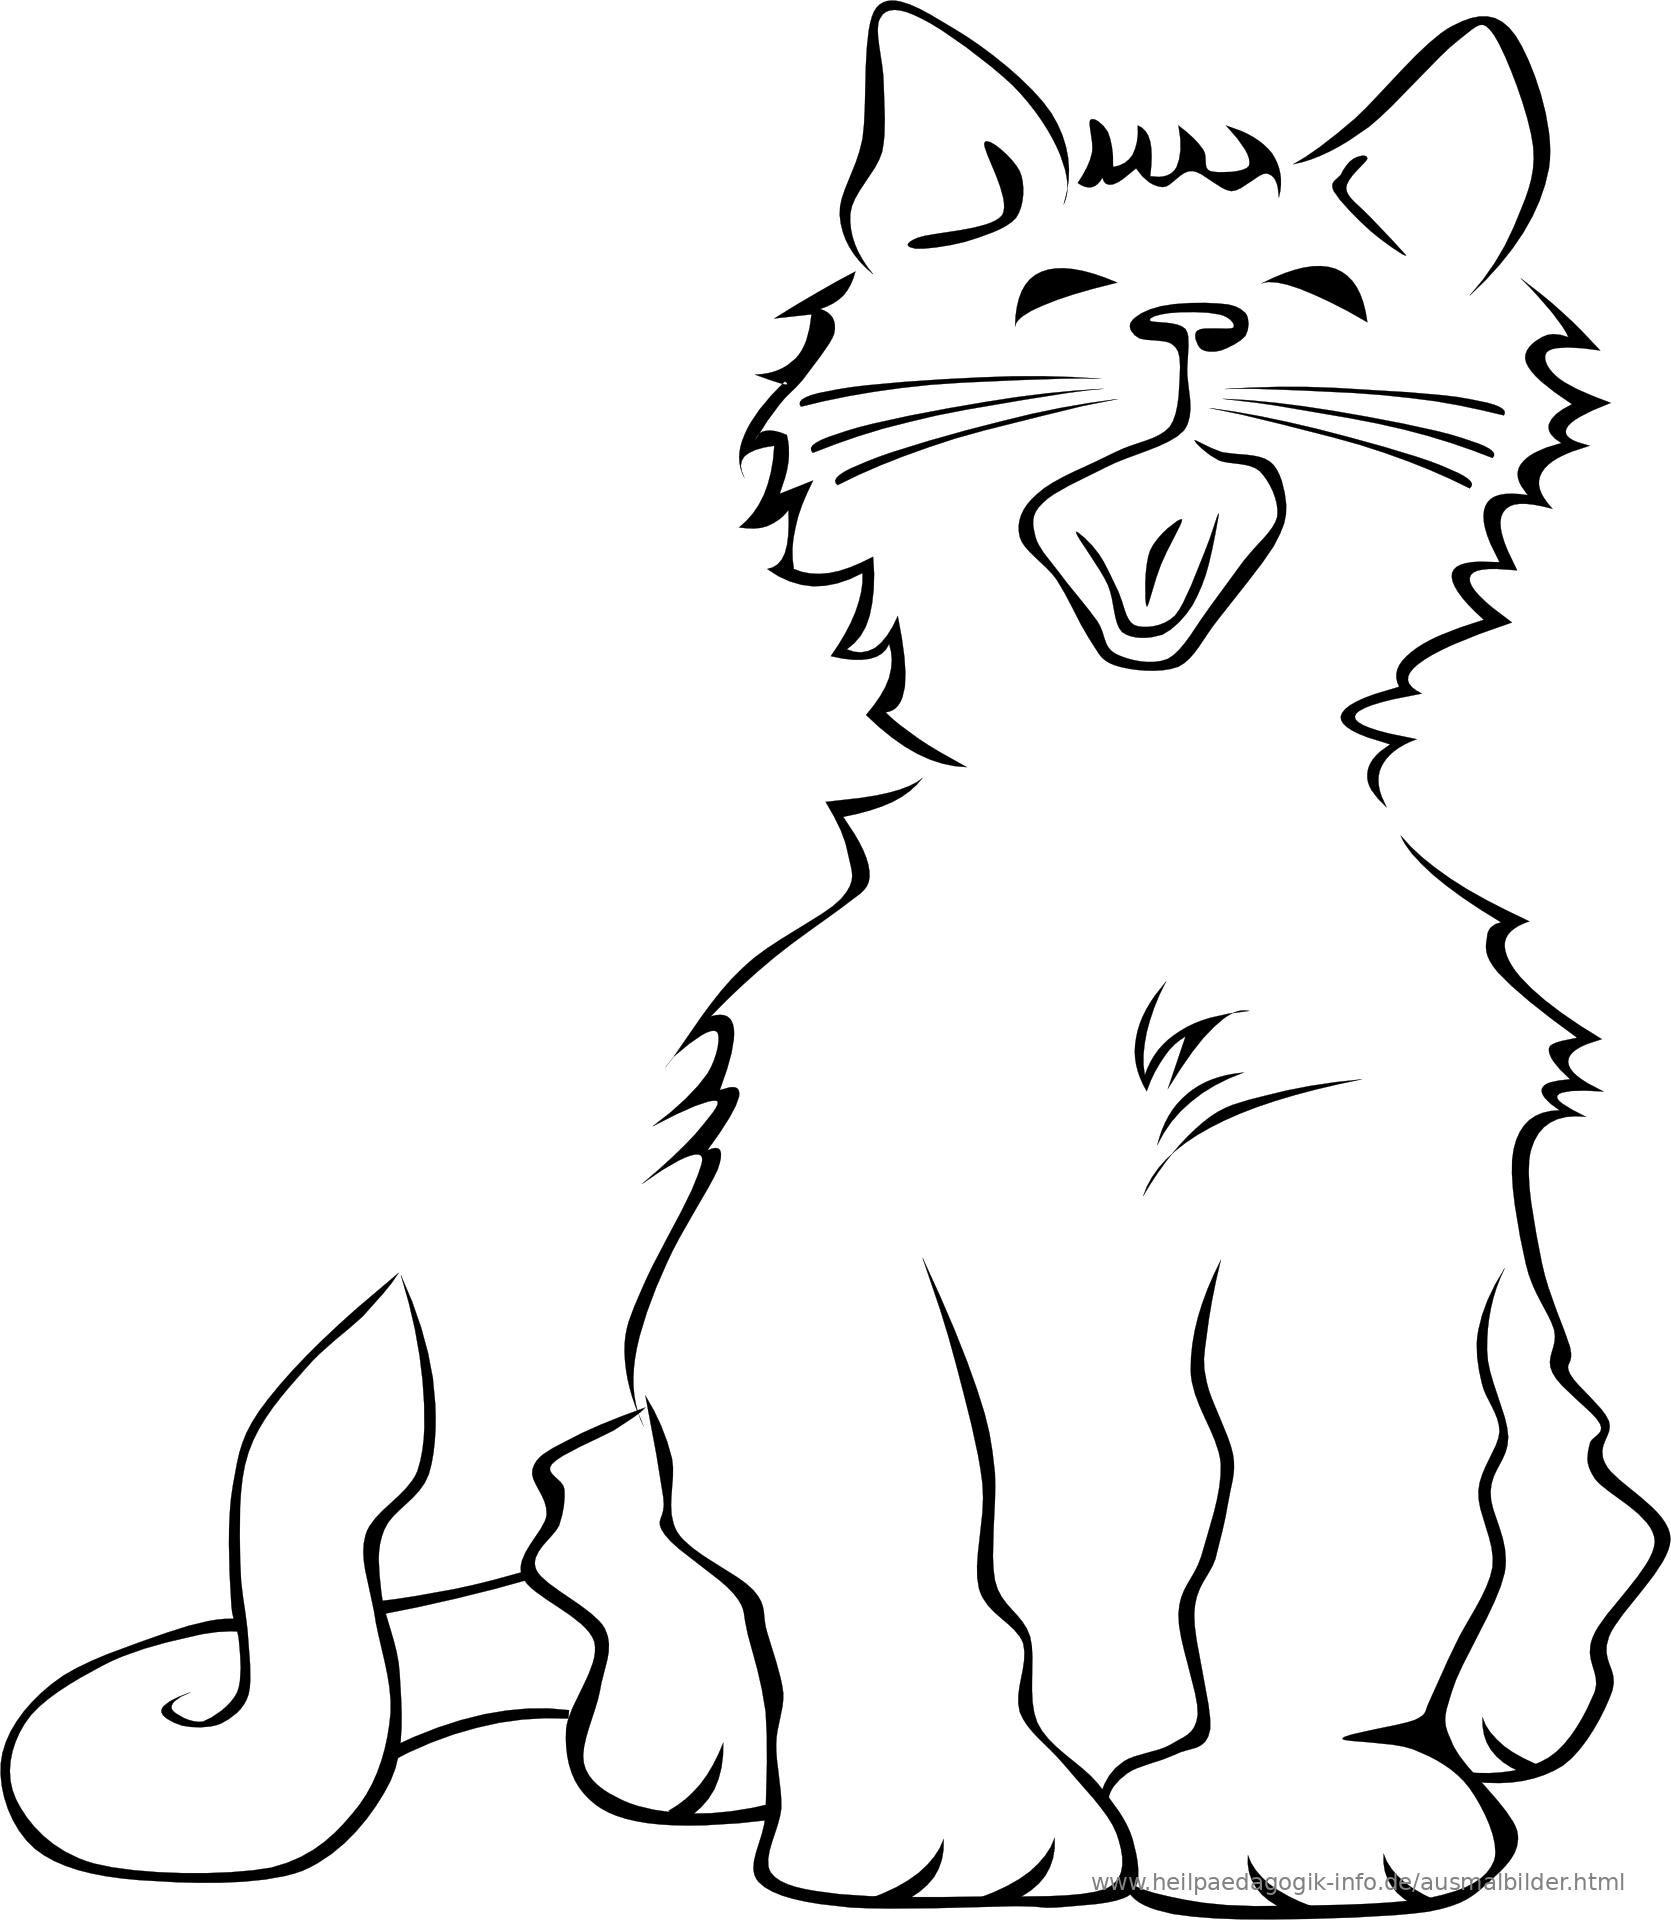 Ausmalbilder Kostenlos Katzen Ausmalbild Niedliches Kätzchen 2019